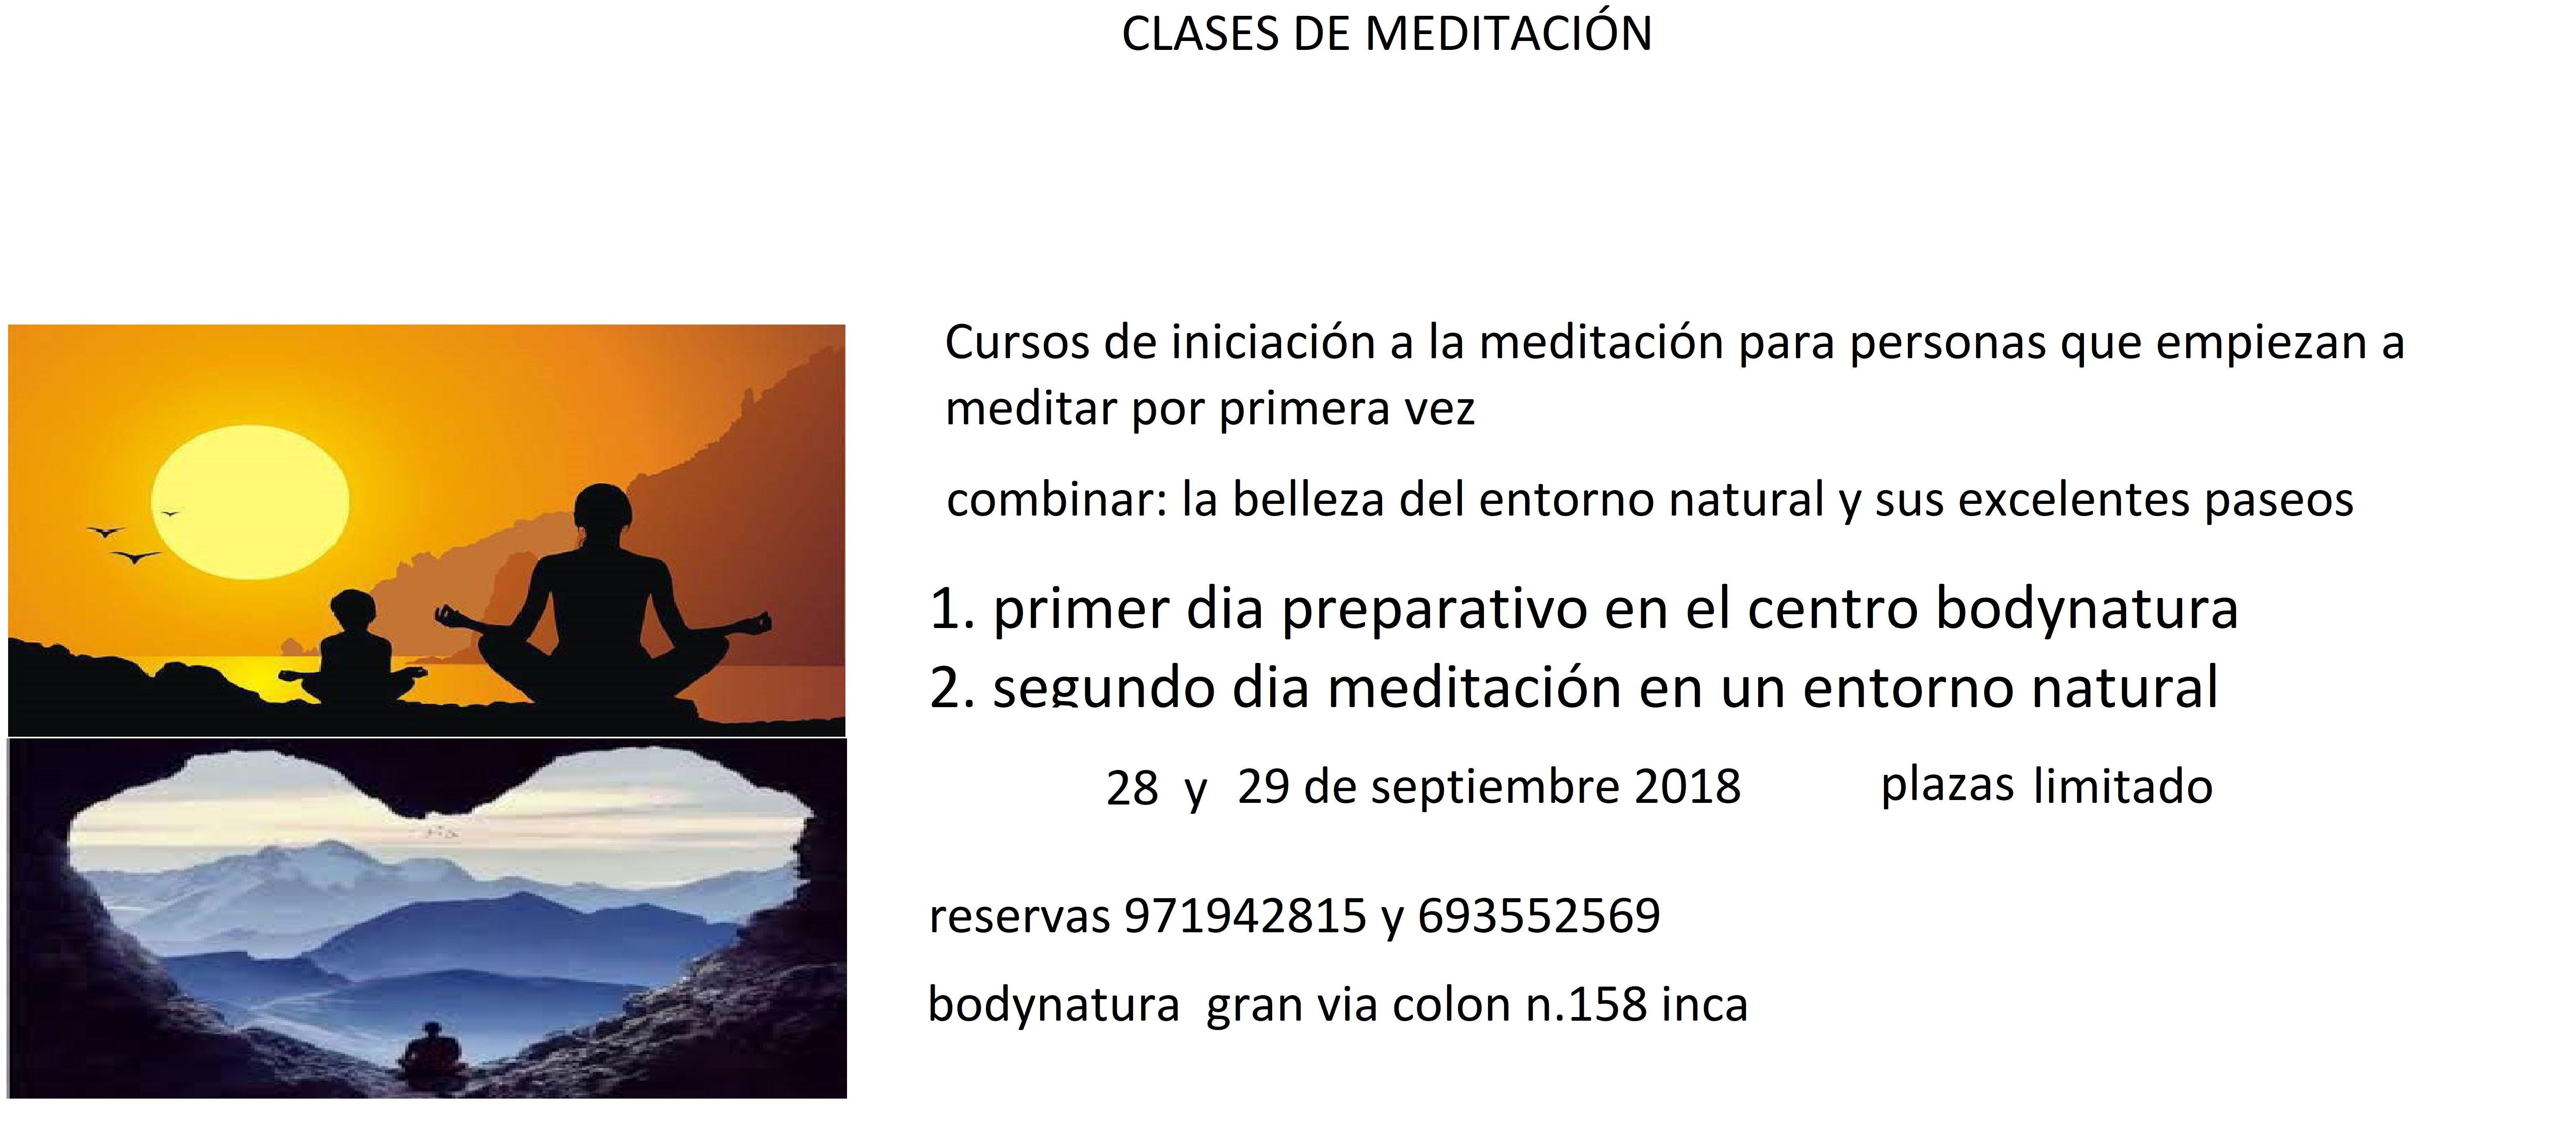 Cursos de iniciación a la meditación para personas que empiezan a meditar por primera vez